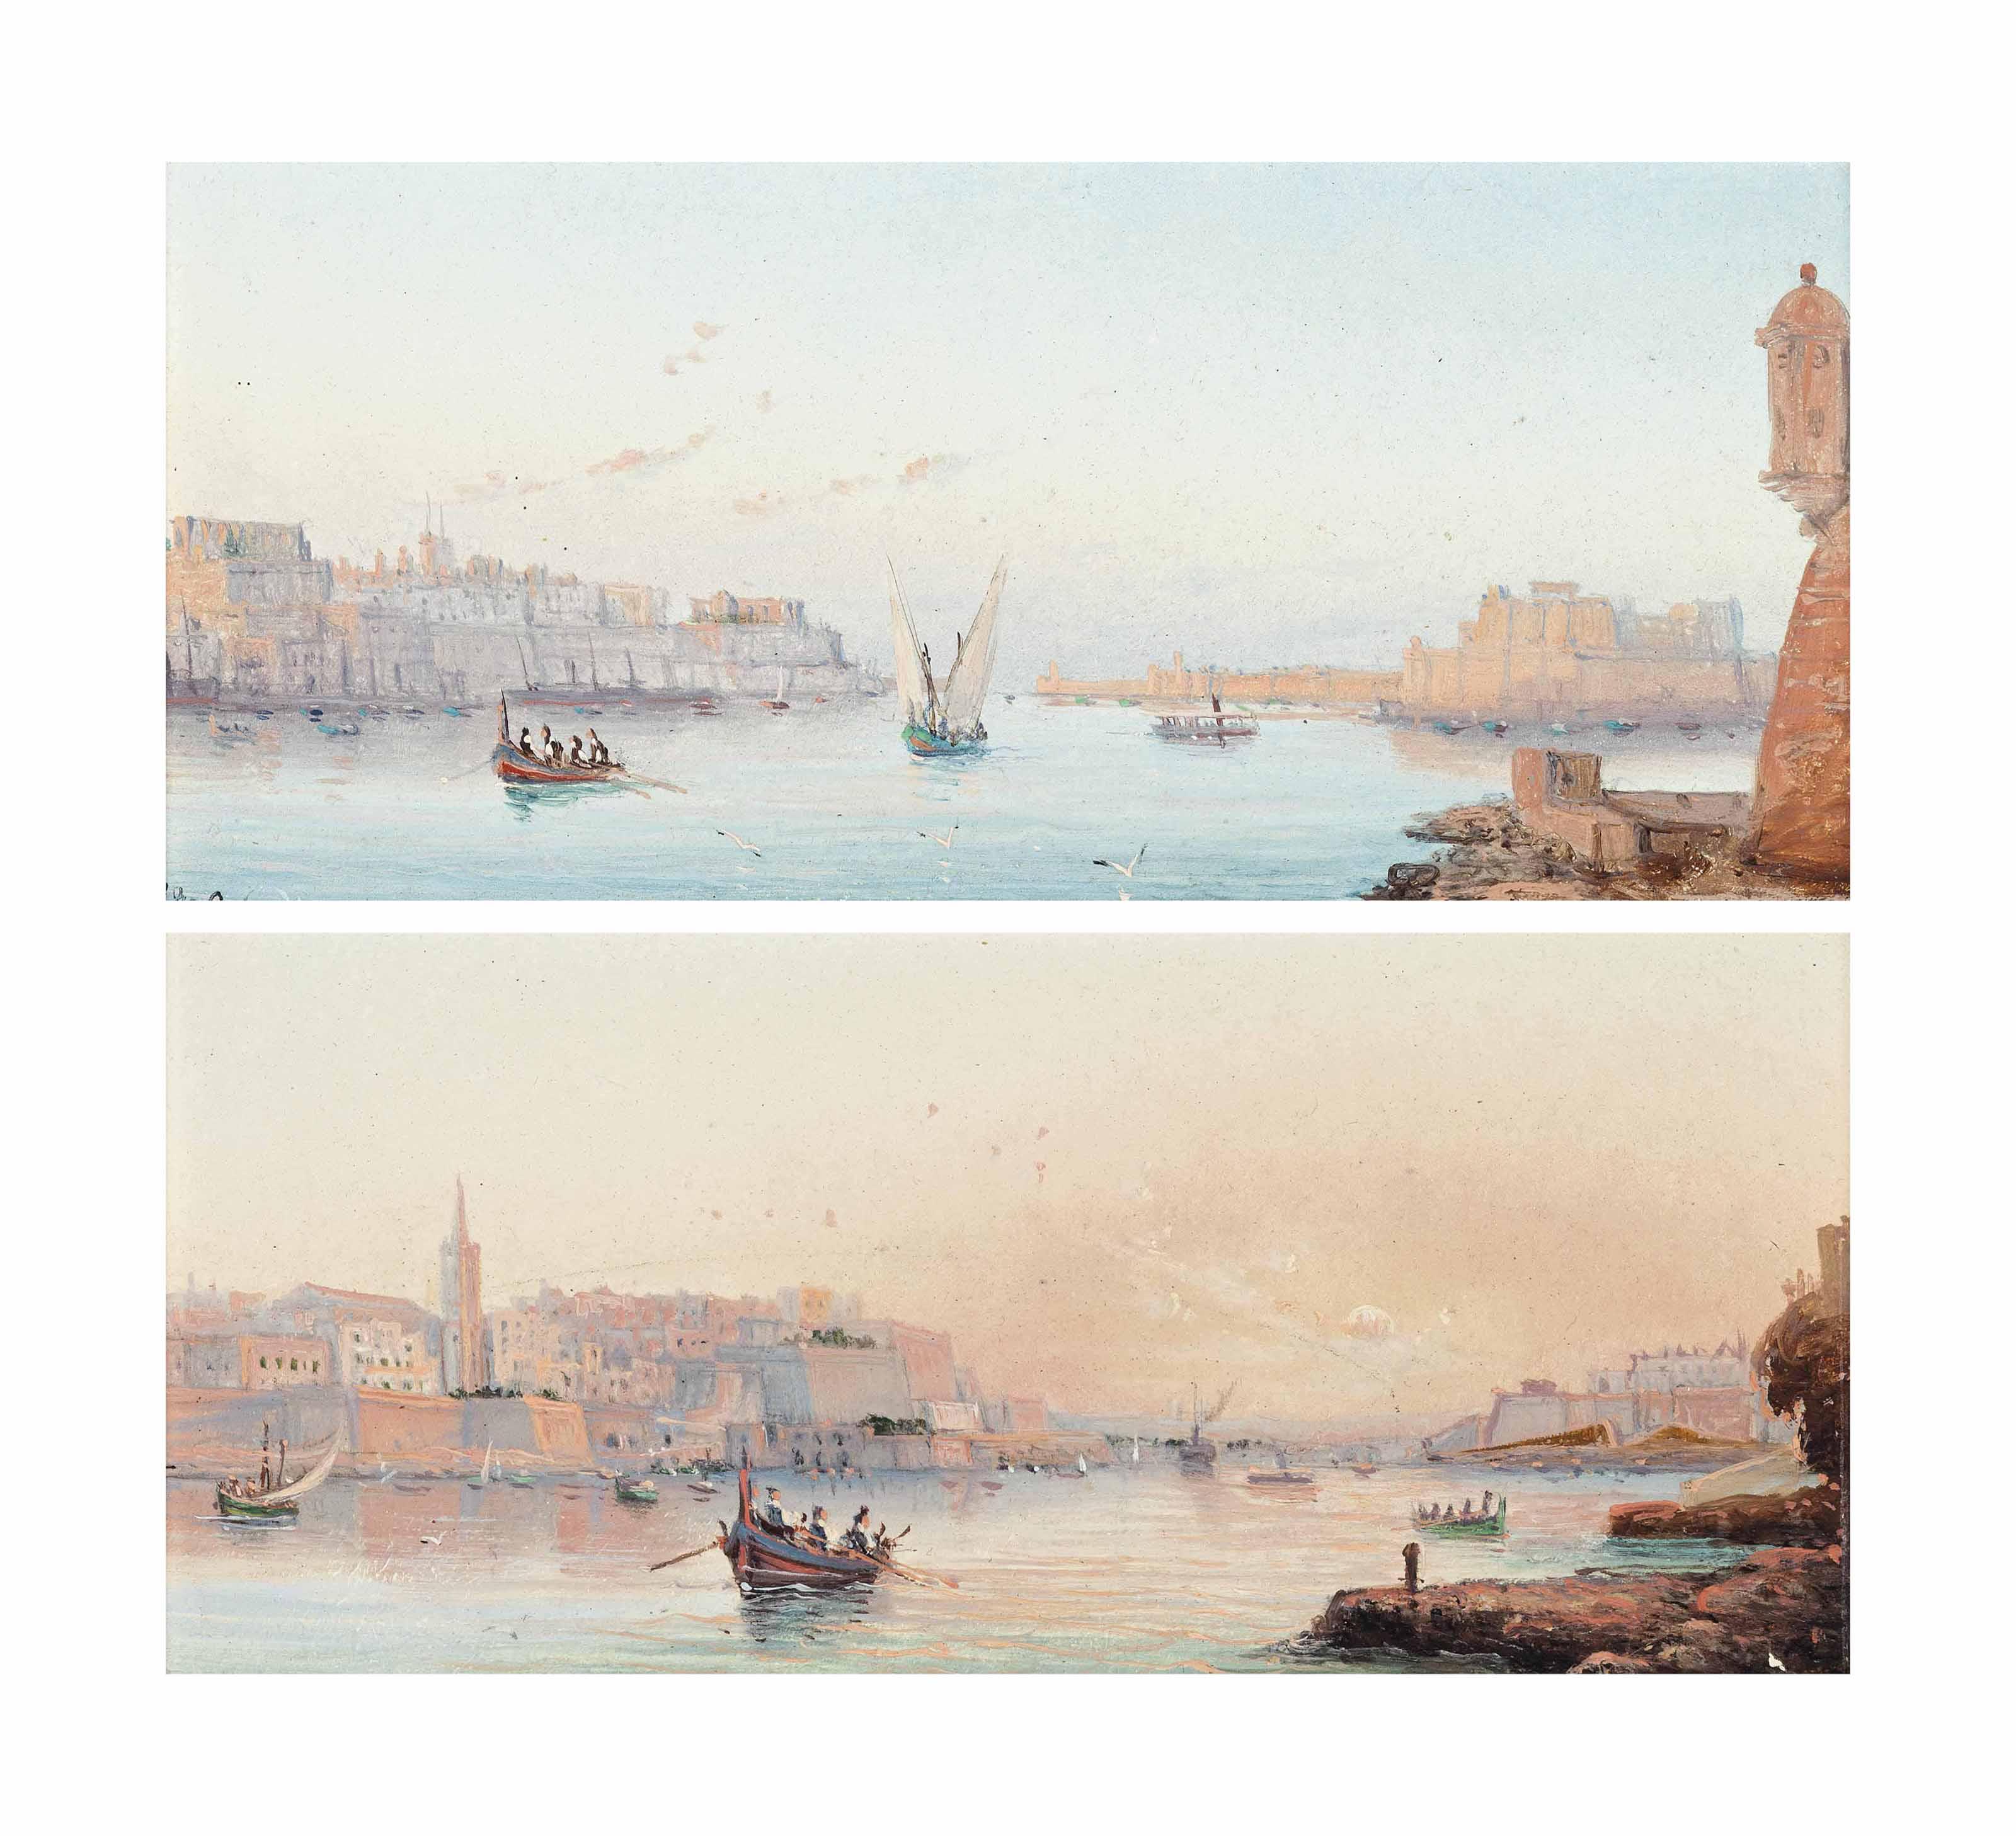 The Grand harbour, Valletta; and Marsamxett harbour at dusk, Valletta